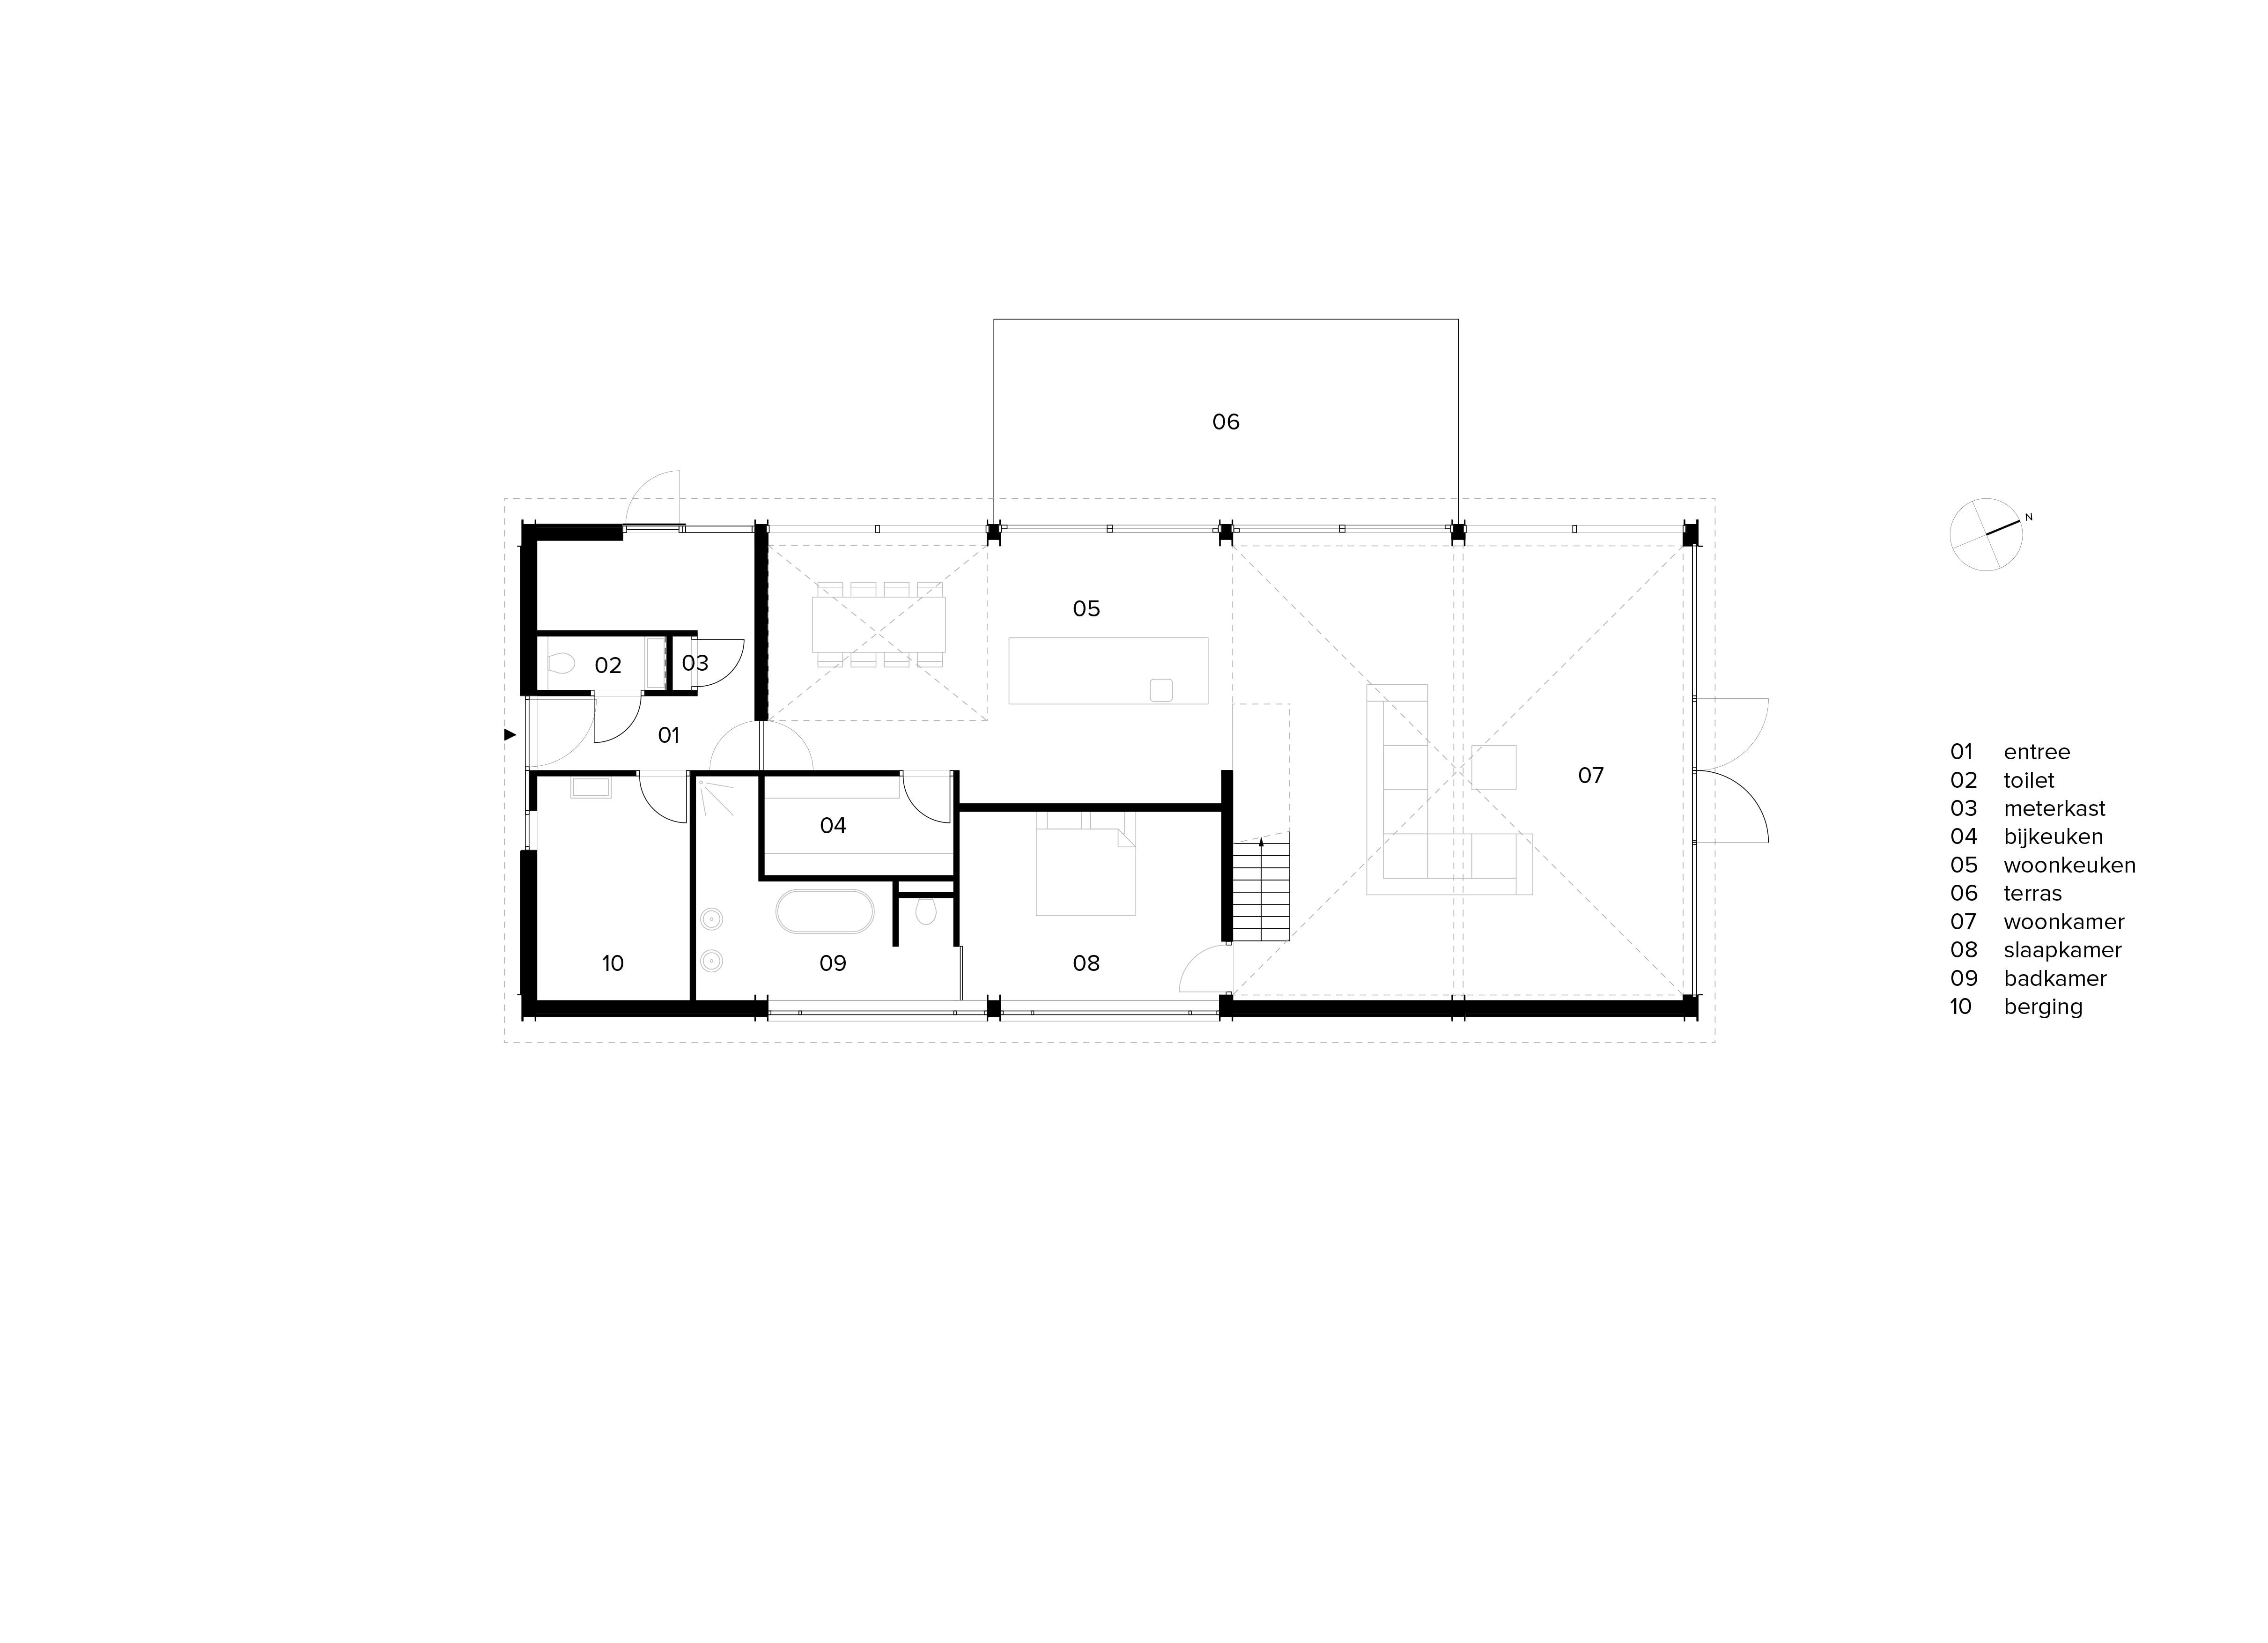 van Os Architecten, ontwerp moderne industriele woonboerderij Sevenum, plattegrond met 2 vides gescheiden door een ruimte woonkeuken